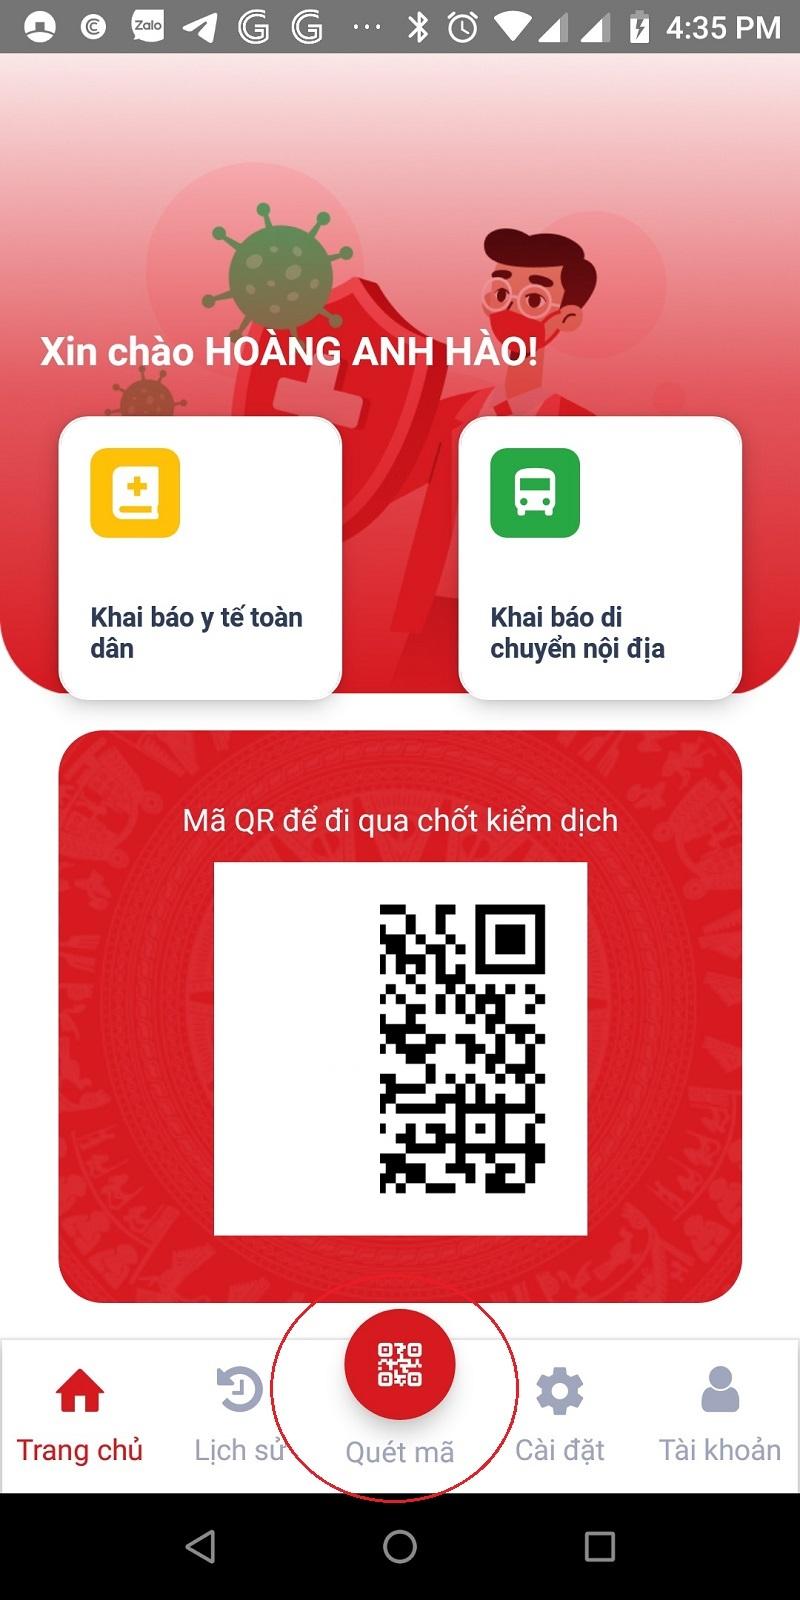 Hướng dẫn khai báo di chuyển nội địa trên app VNEID